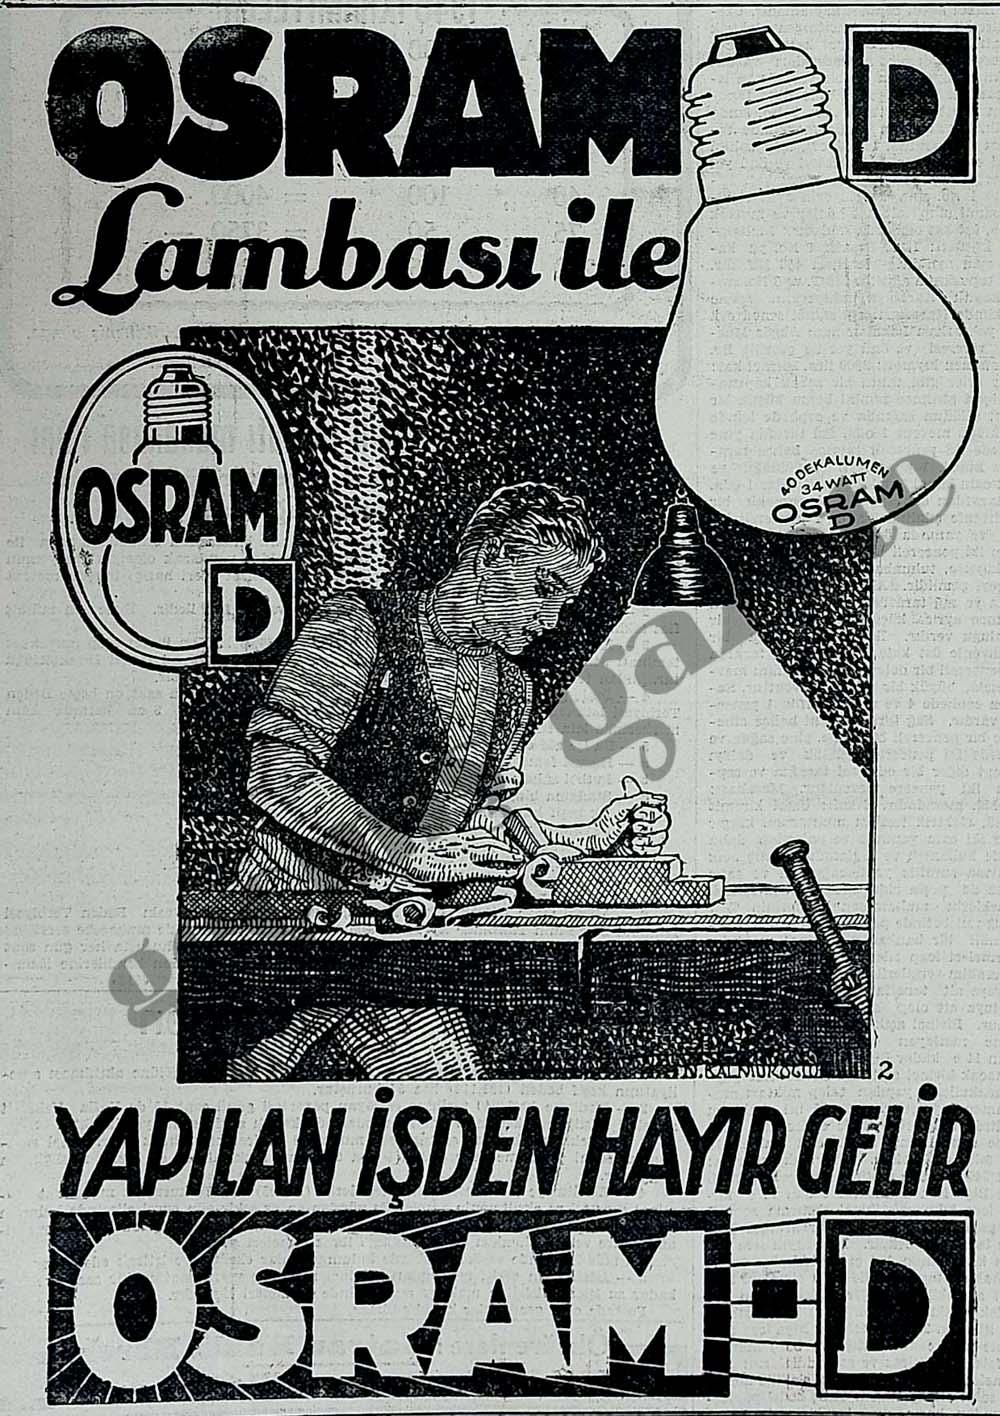 Osram-D Lambası ile yapılan işten hayır gelir